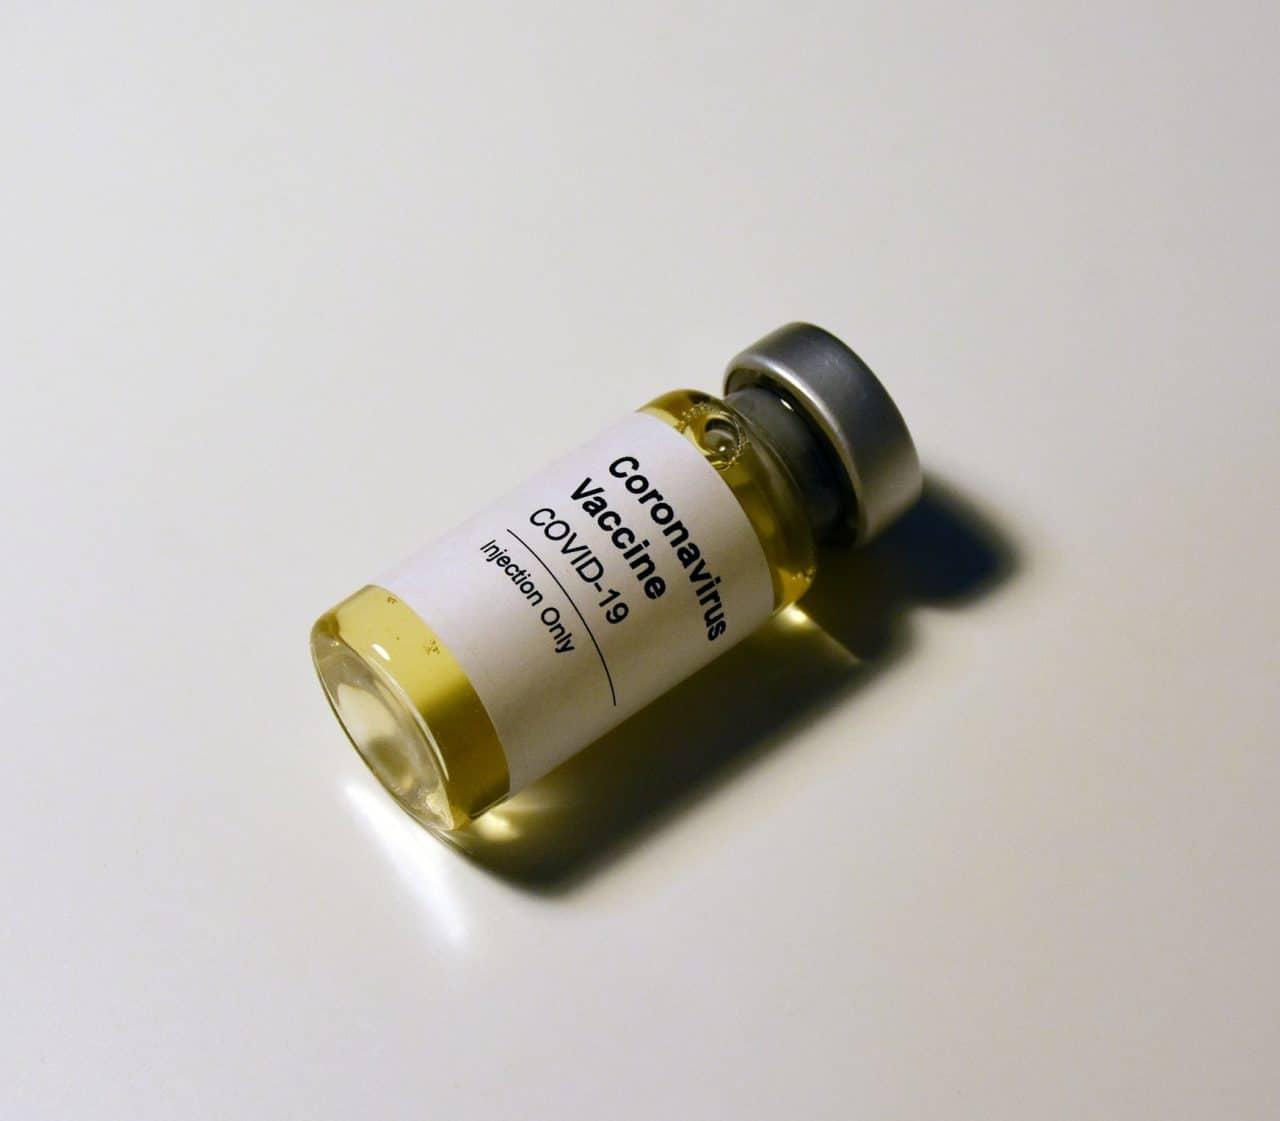 A COVID vaccine vial.